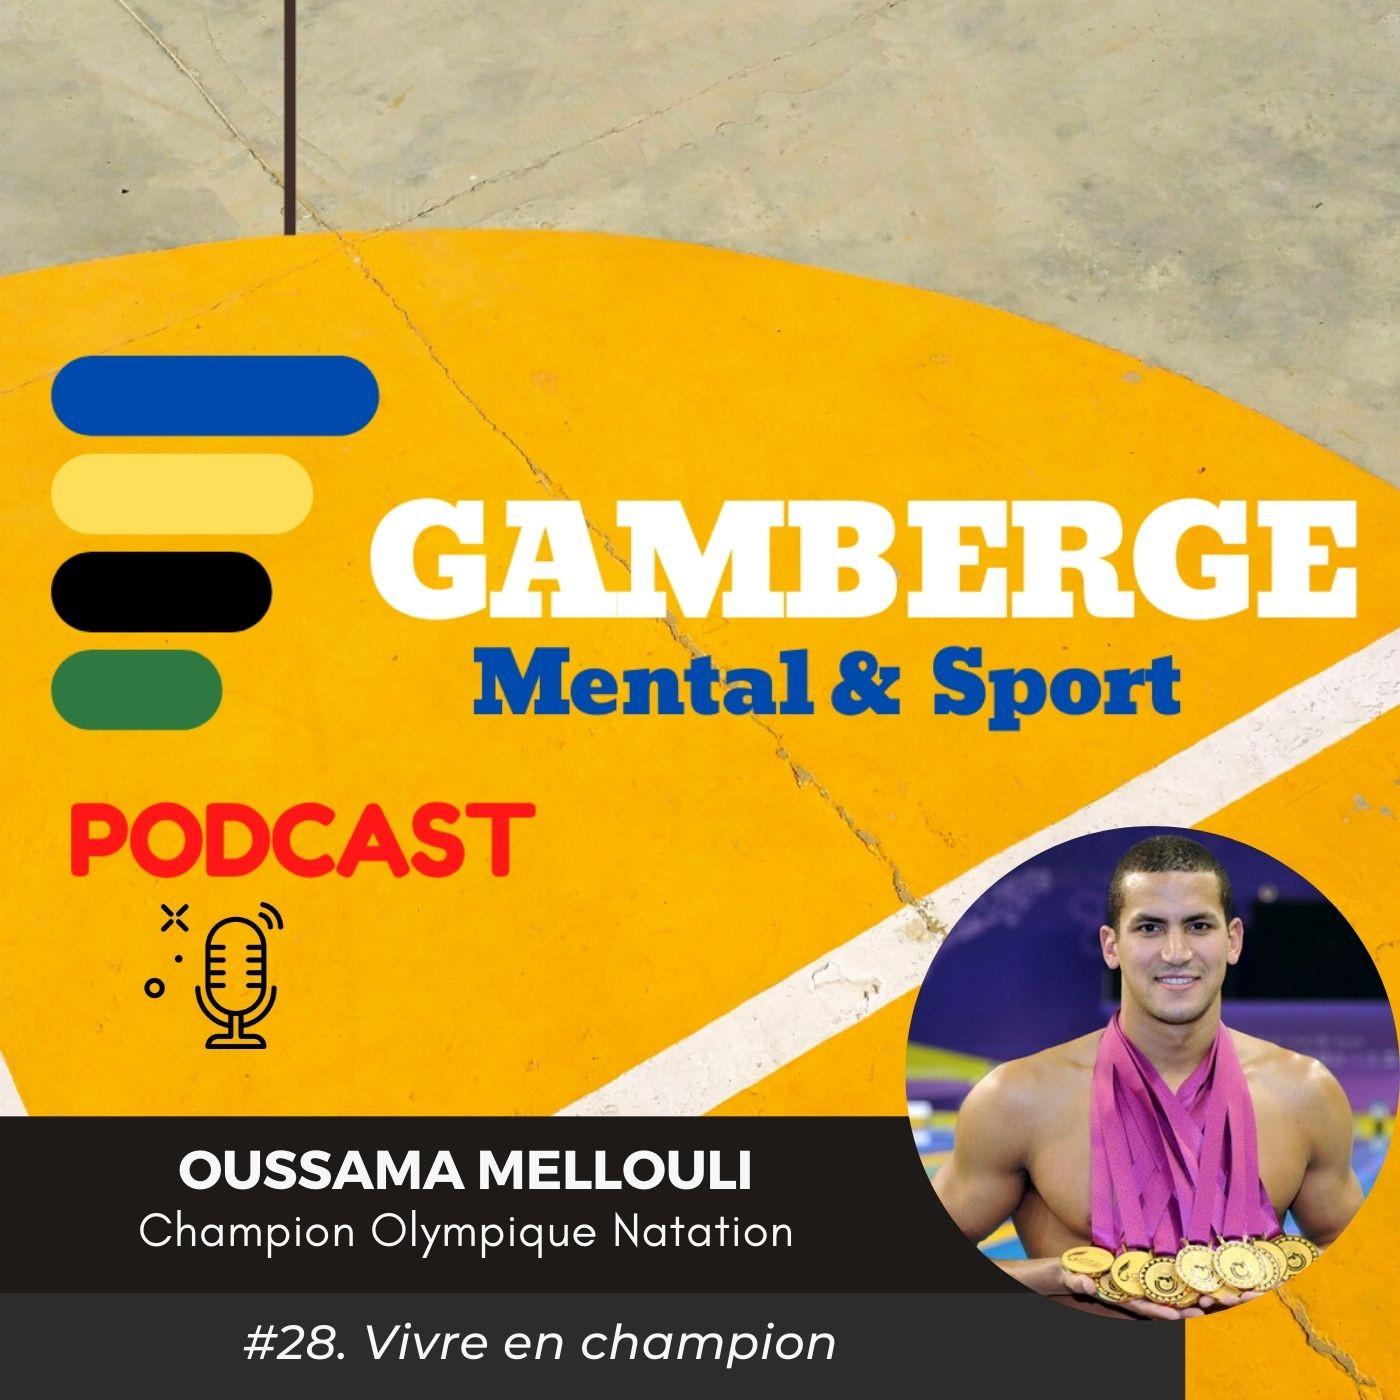 #28. Oussama Mellouli: Vivre en champion